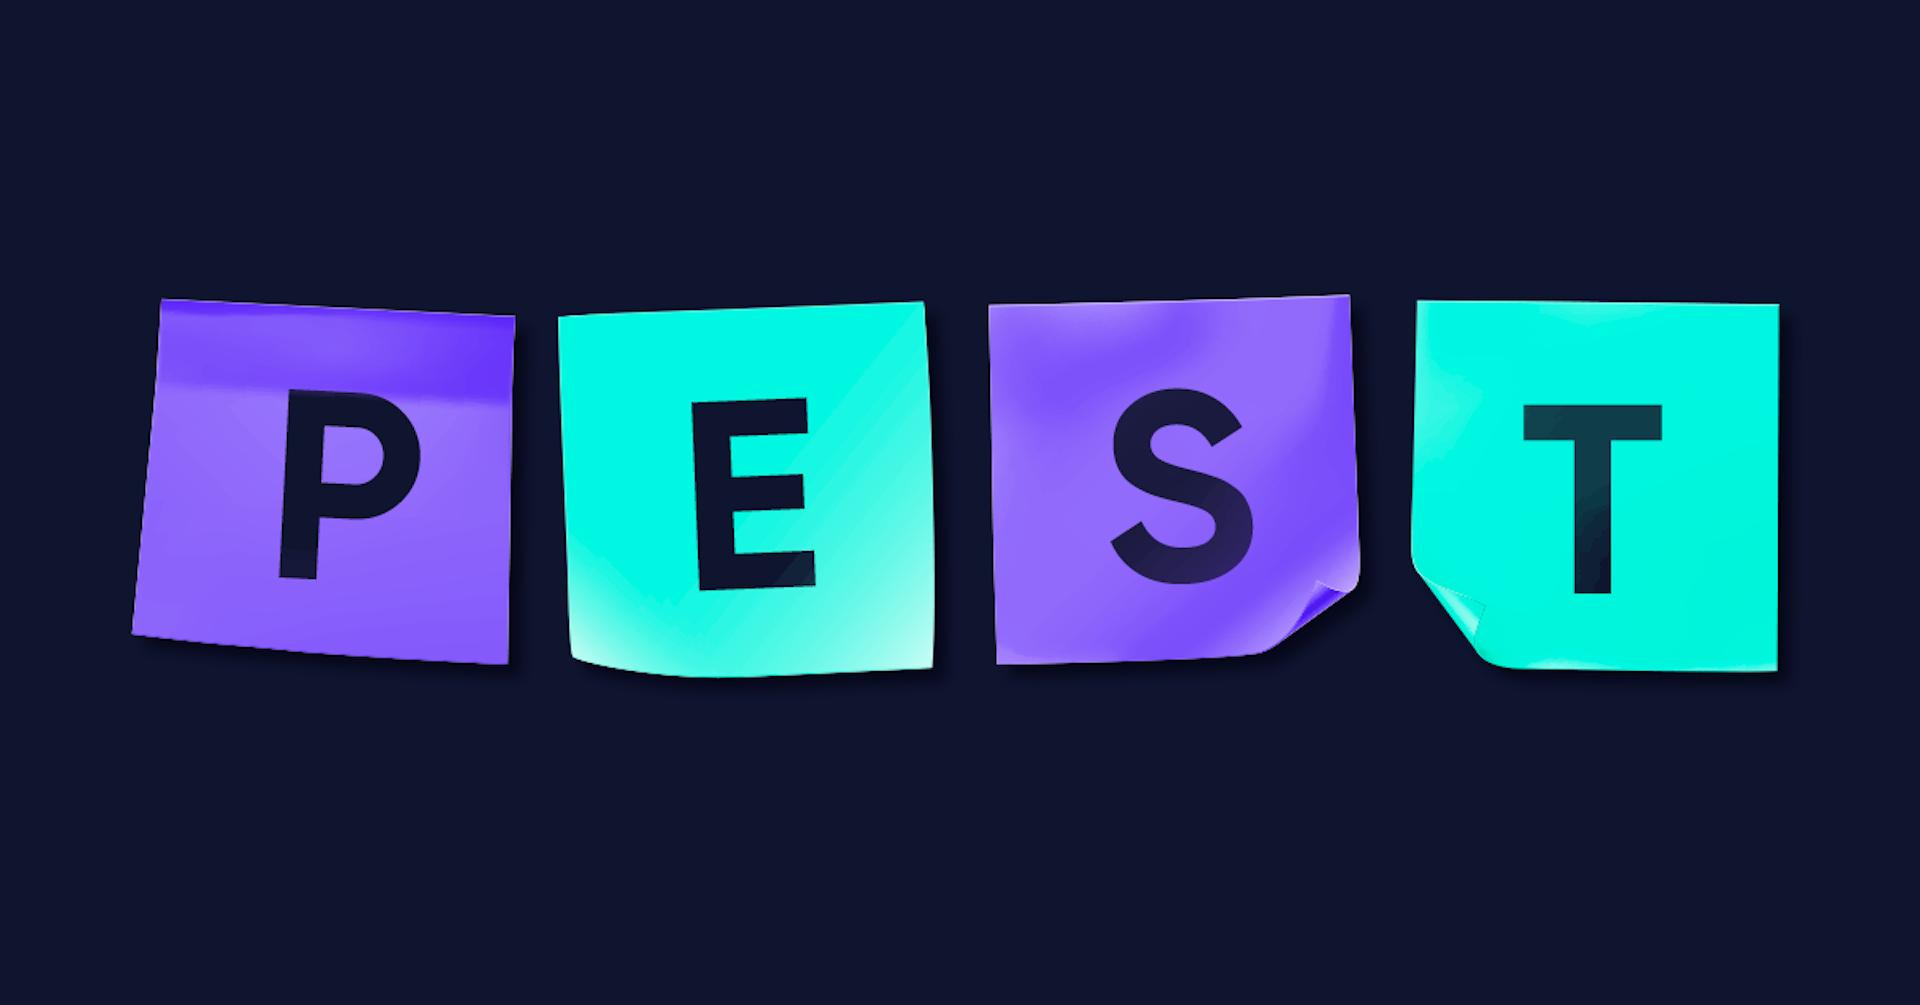 ¿Qué es un análisis PEST? Impulsa tu negocio con esta matriz estratégica